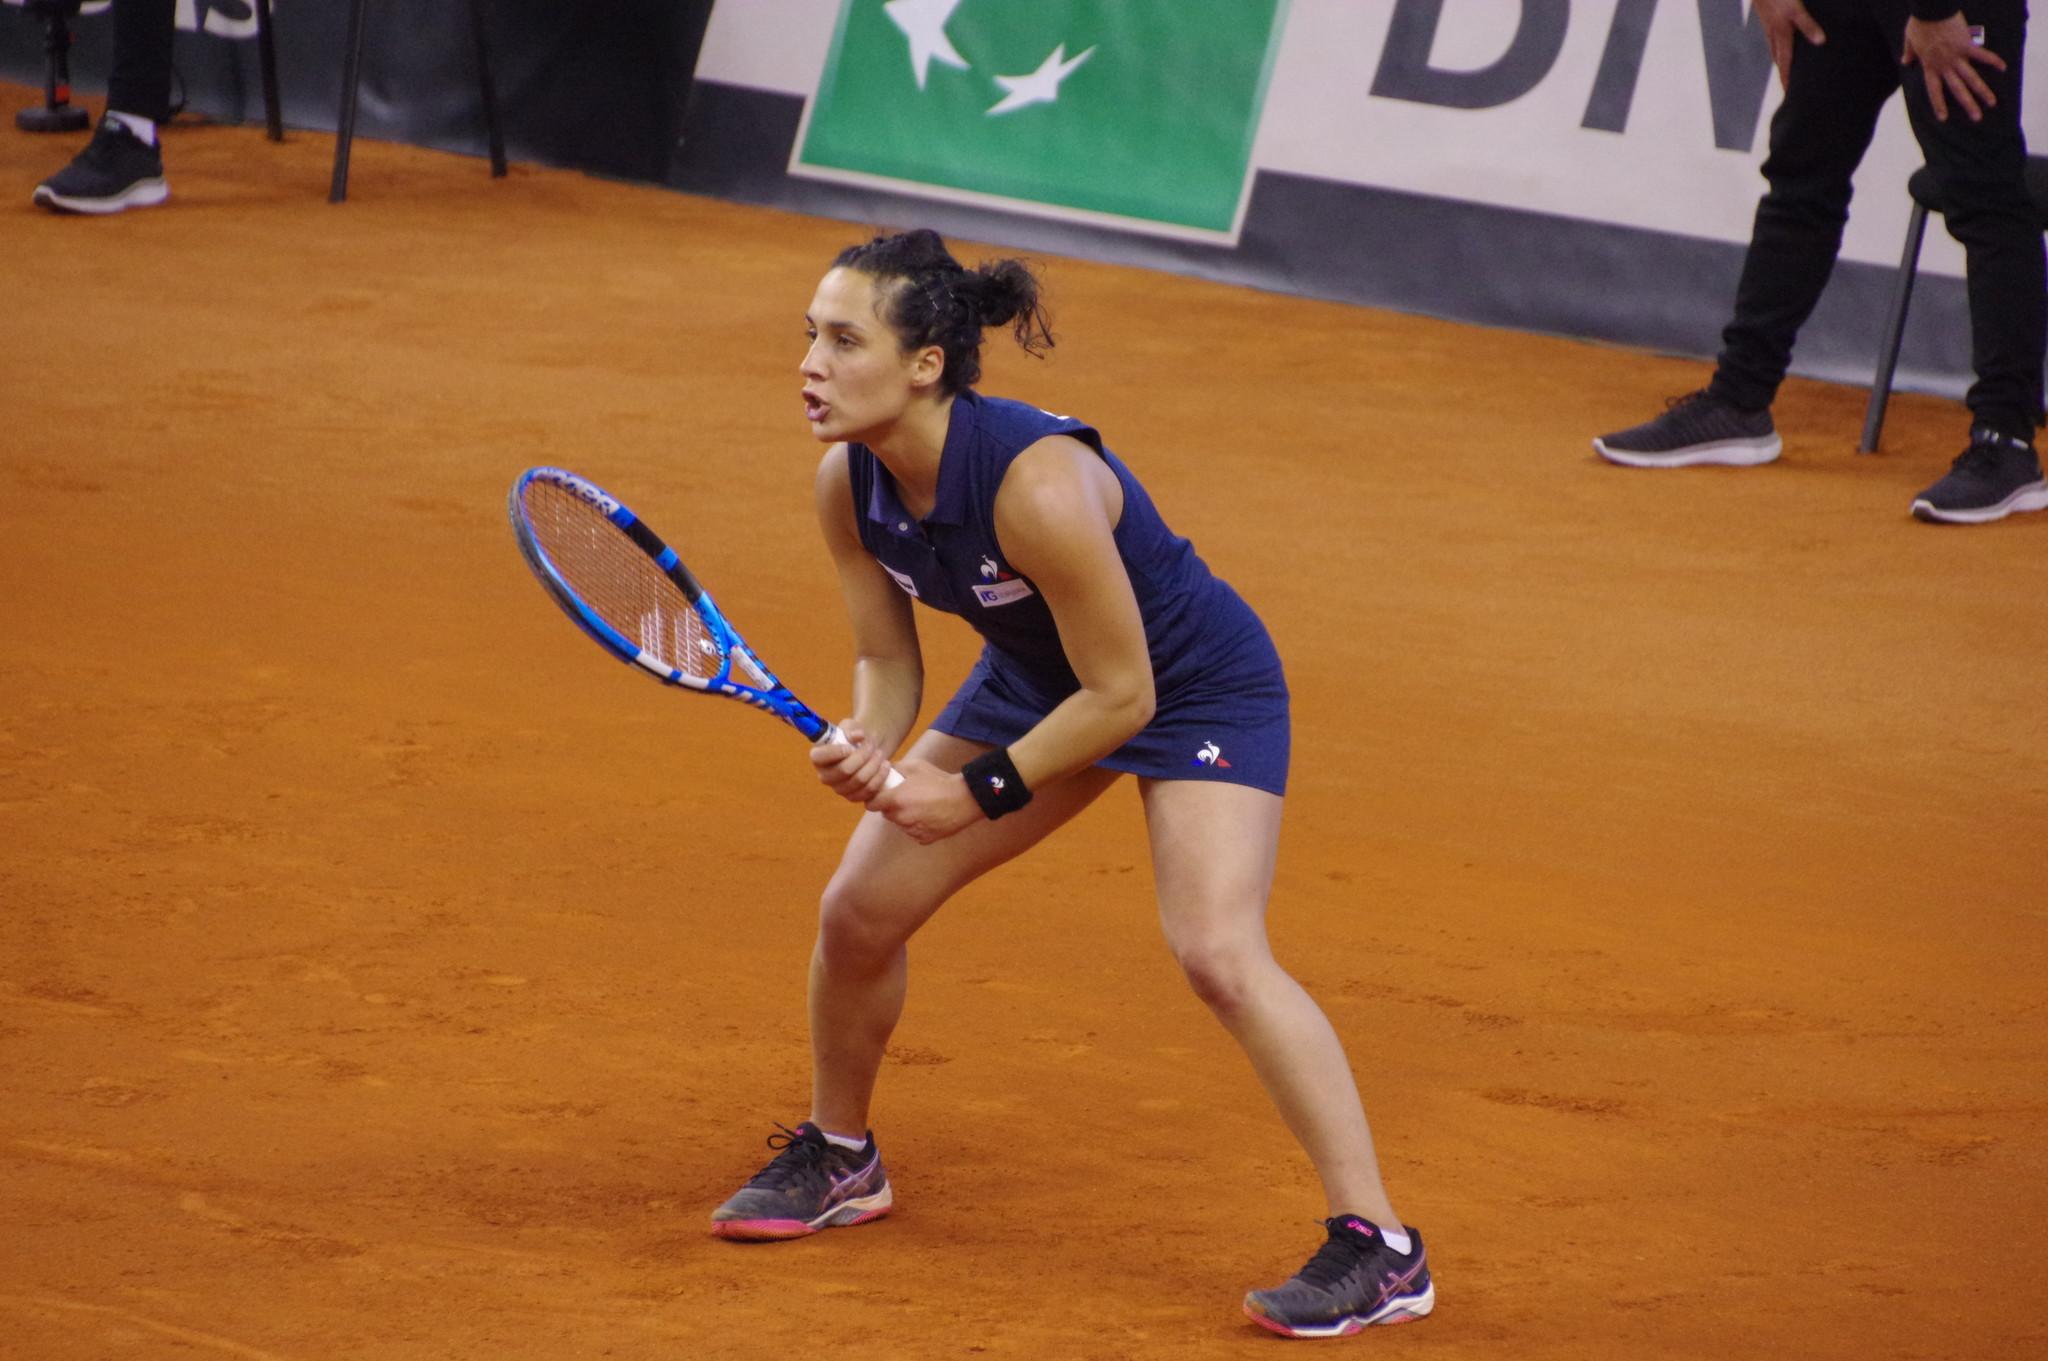 Итальянская теннисистка Мартина Тревизан